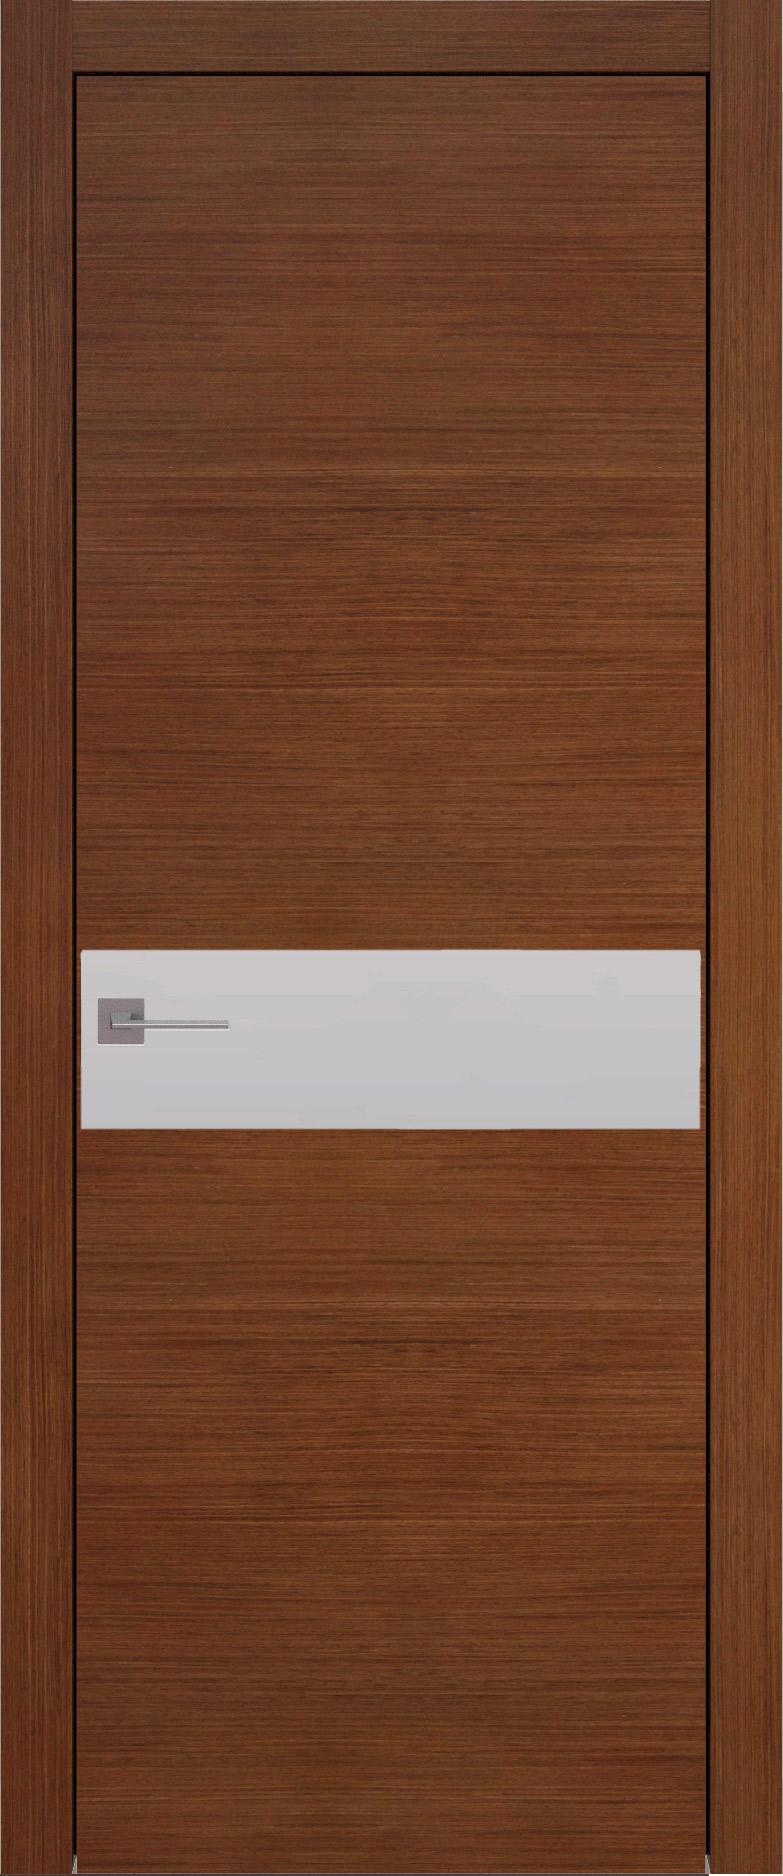 Tivoli И-4 цвет - Темный орех Без стекла (ДГ)